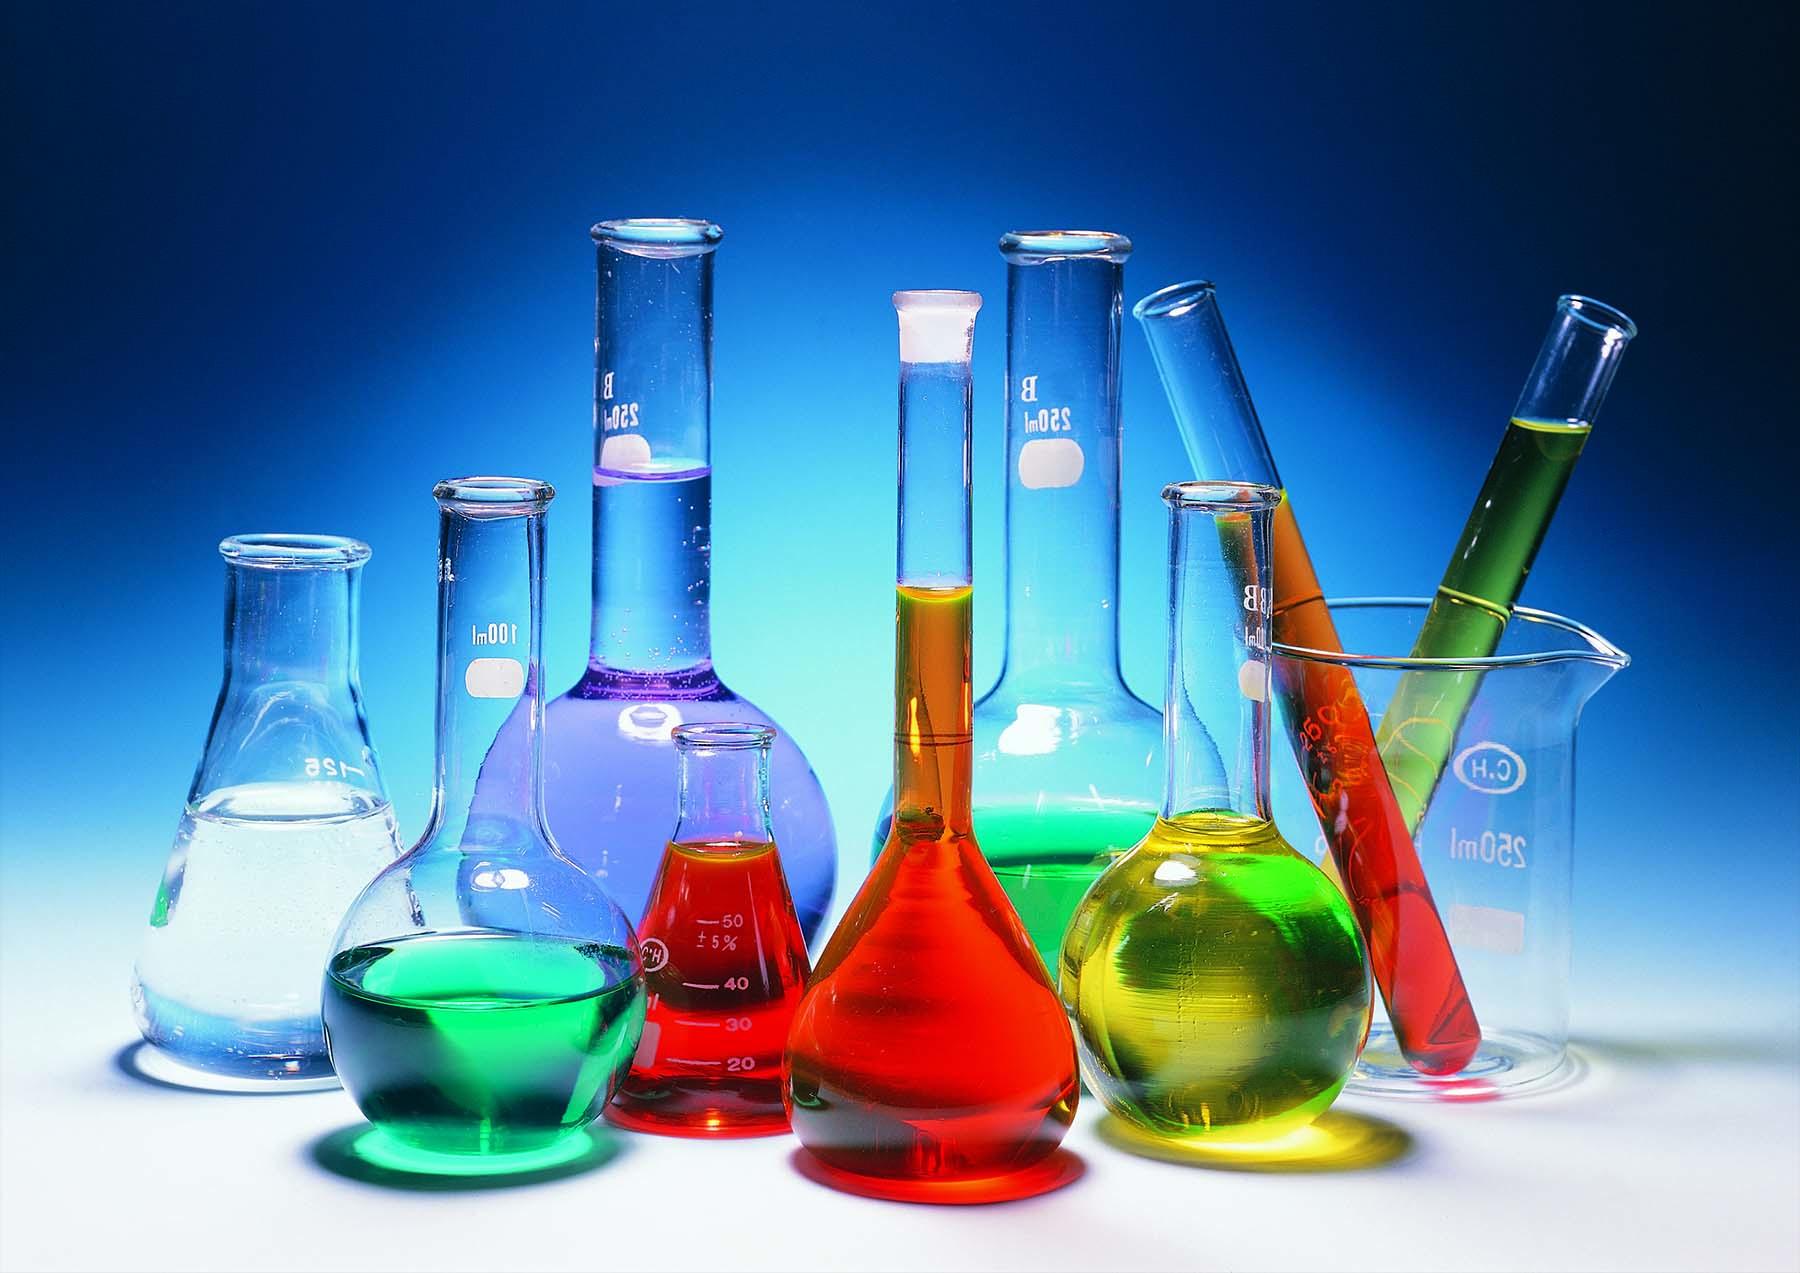 دانلود گزارش تخصصی اهمیت آموزش علوم تجربی در مقطع ابتدایی